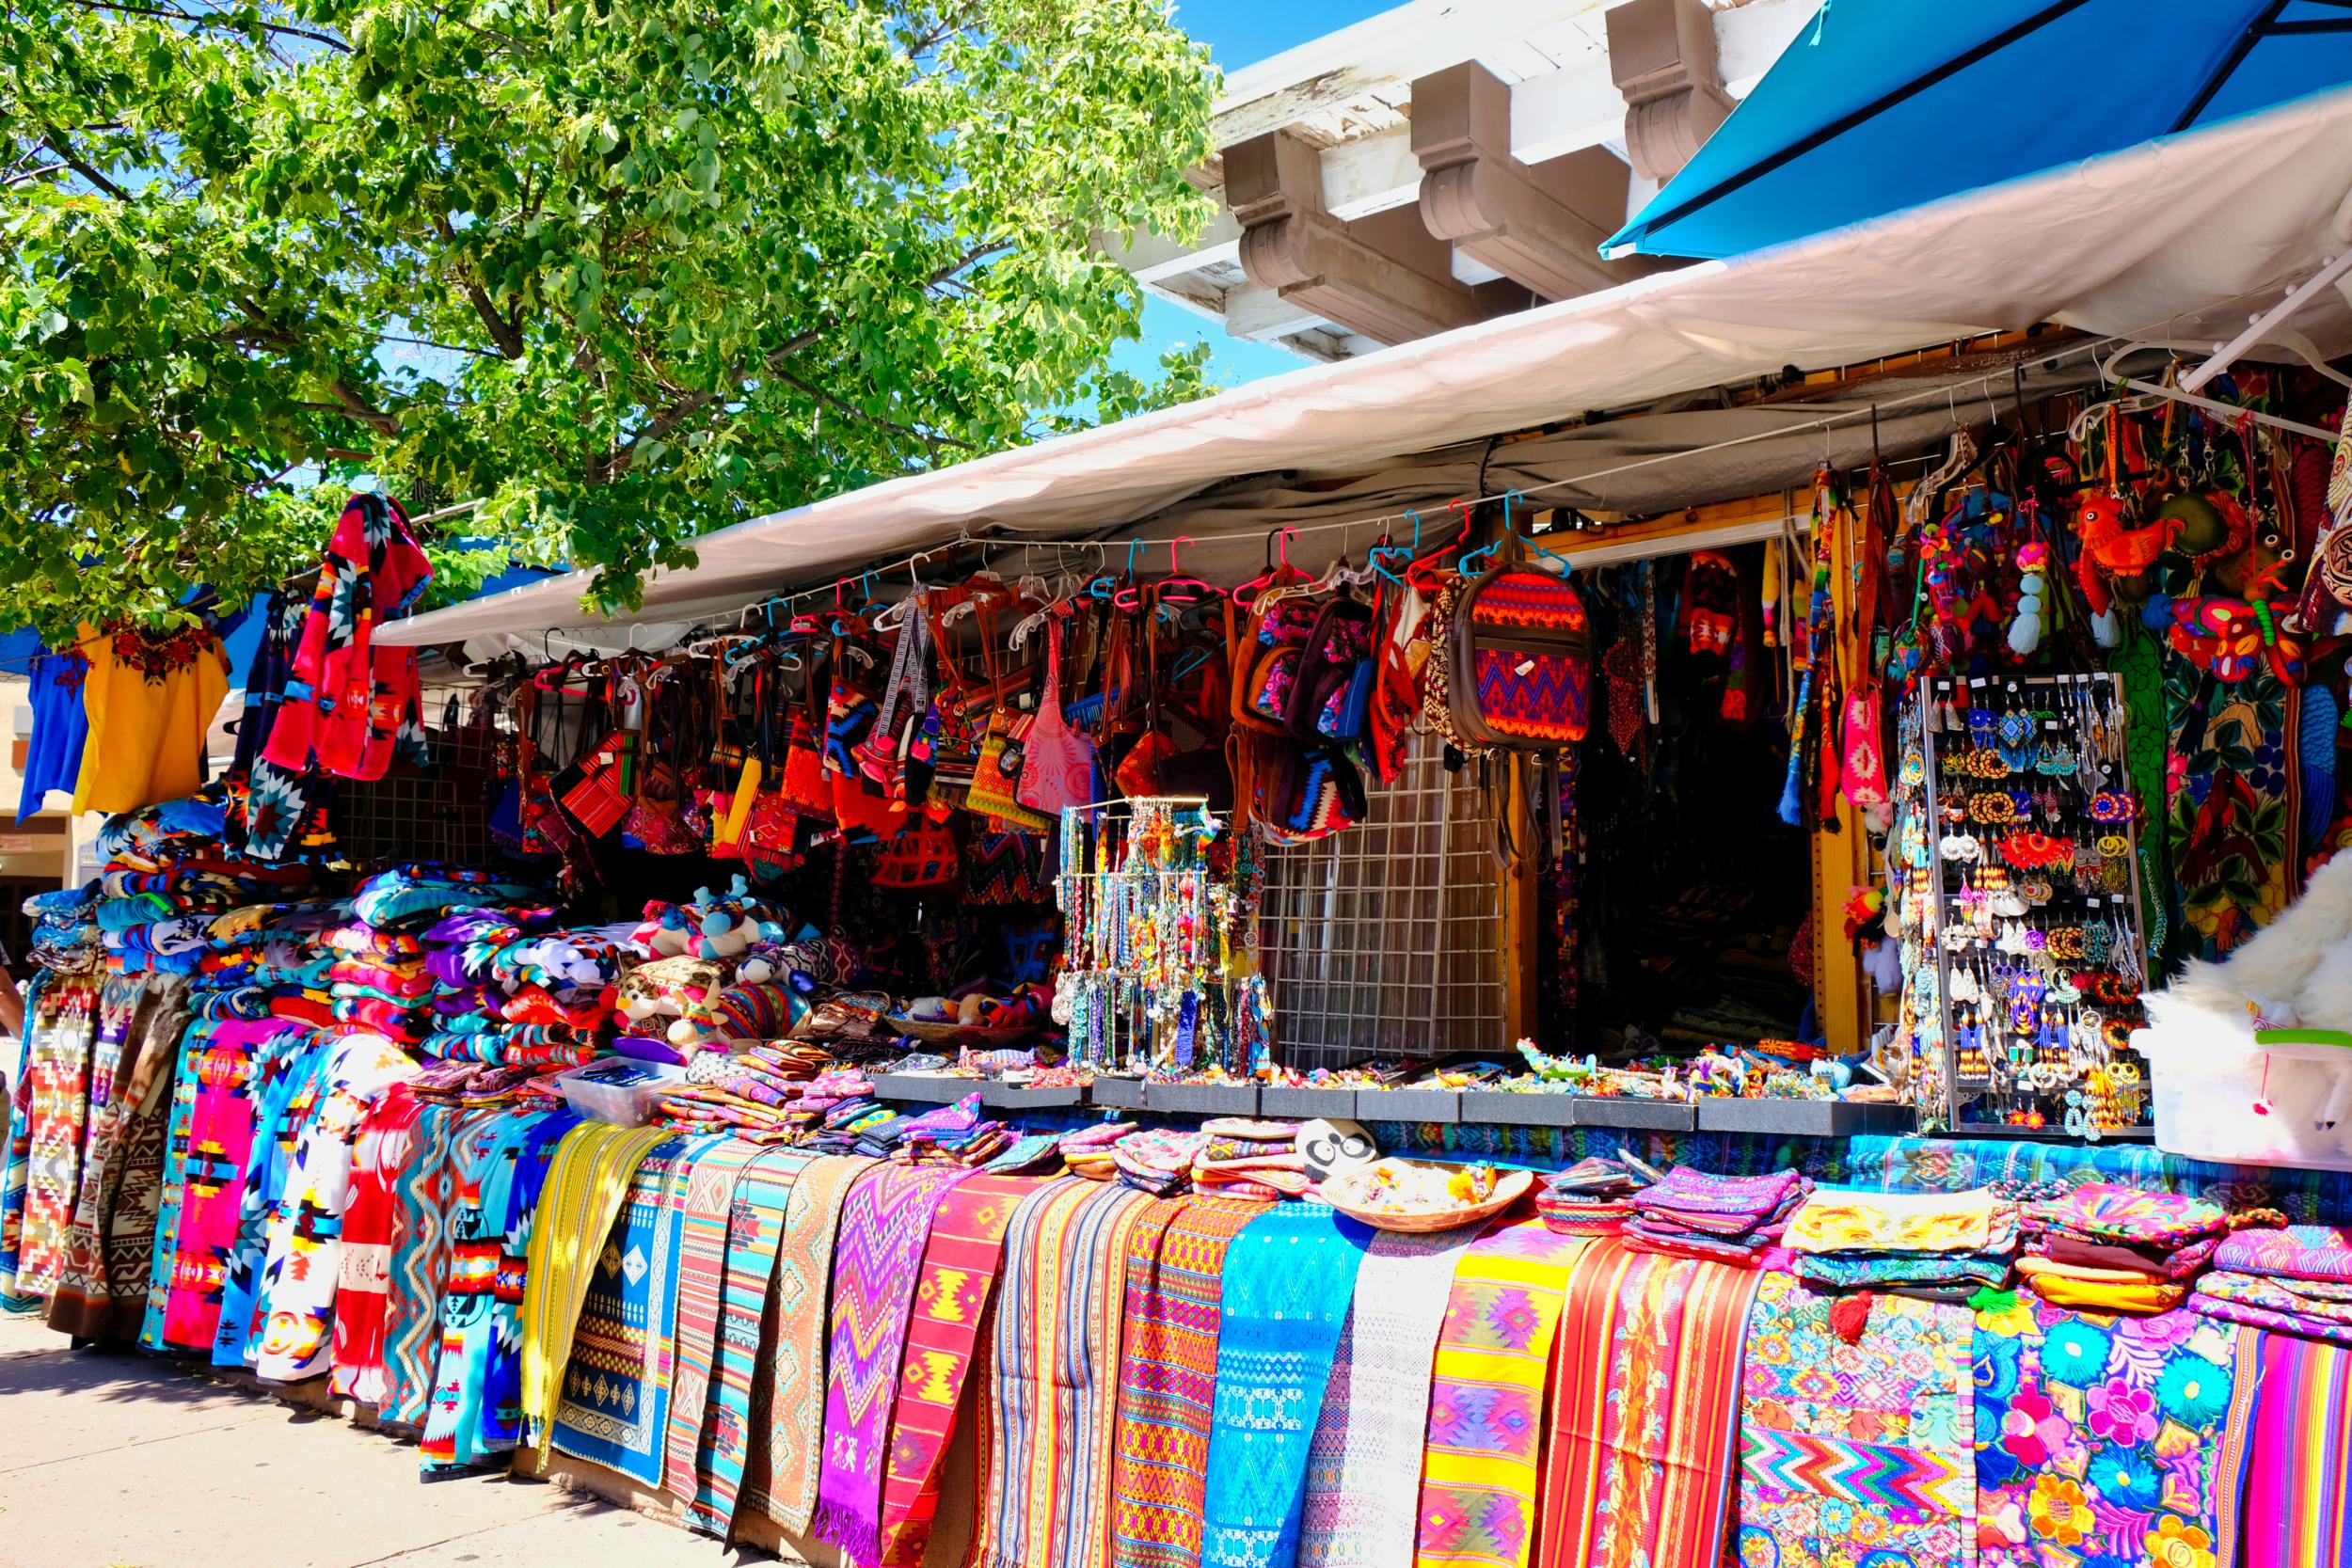 Santa Fe Apparel and Gifts